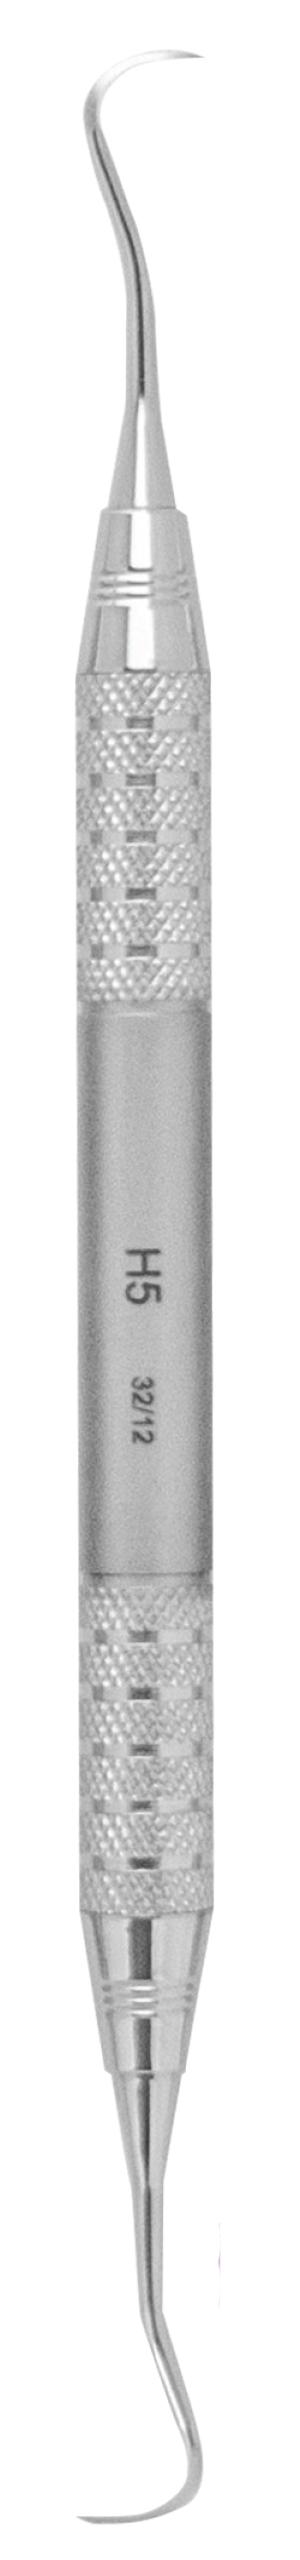 H5 ul